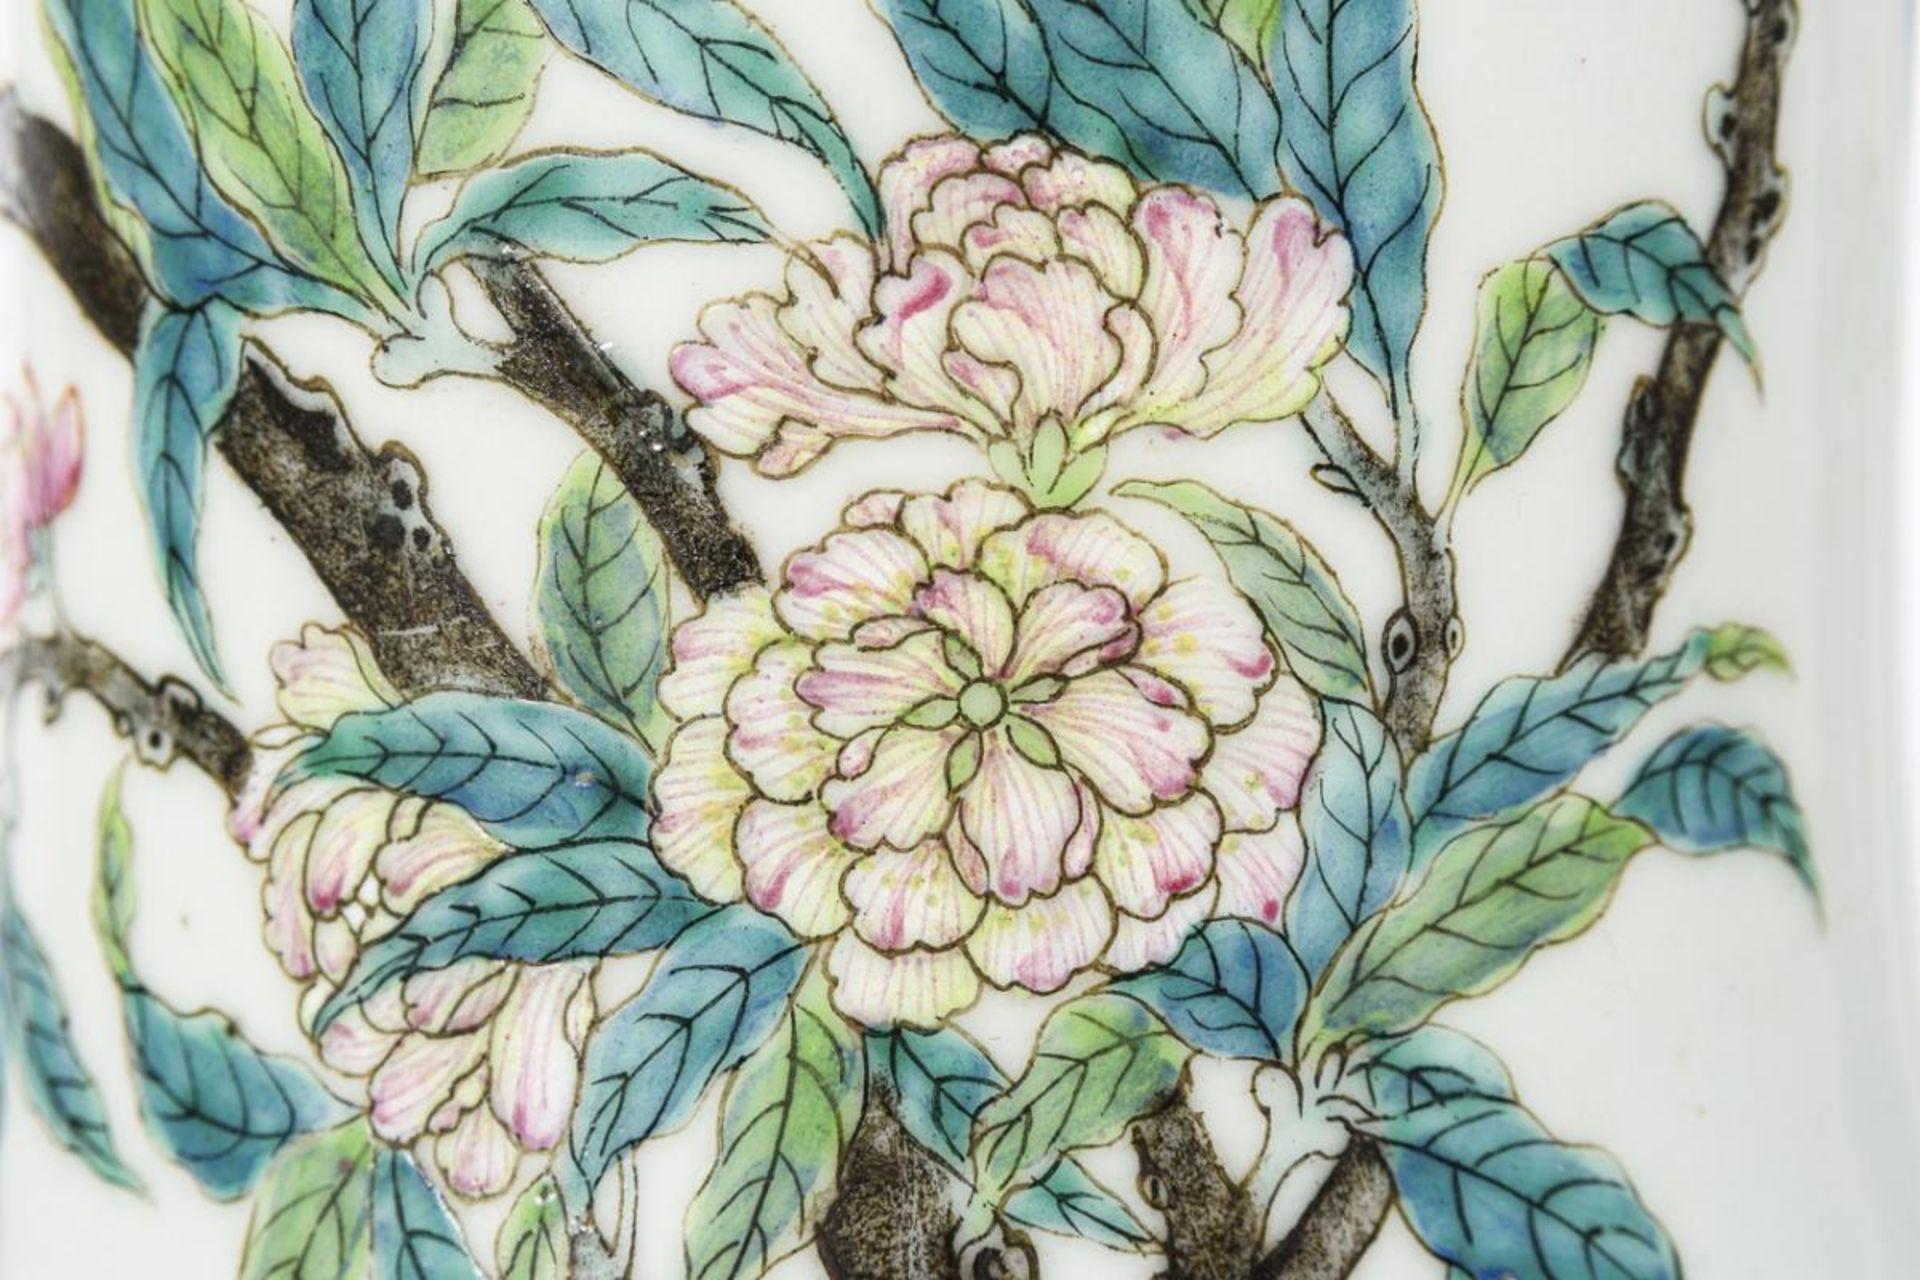 Große, museale Vase mit Pfirsichen und Pfirsichblüten - Image 9 of 10